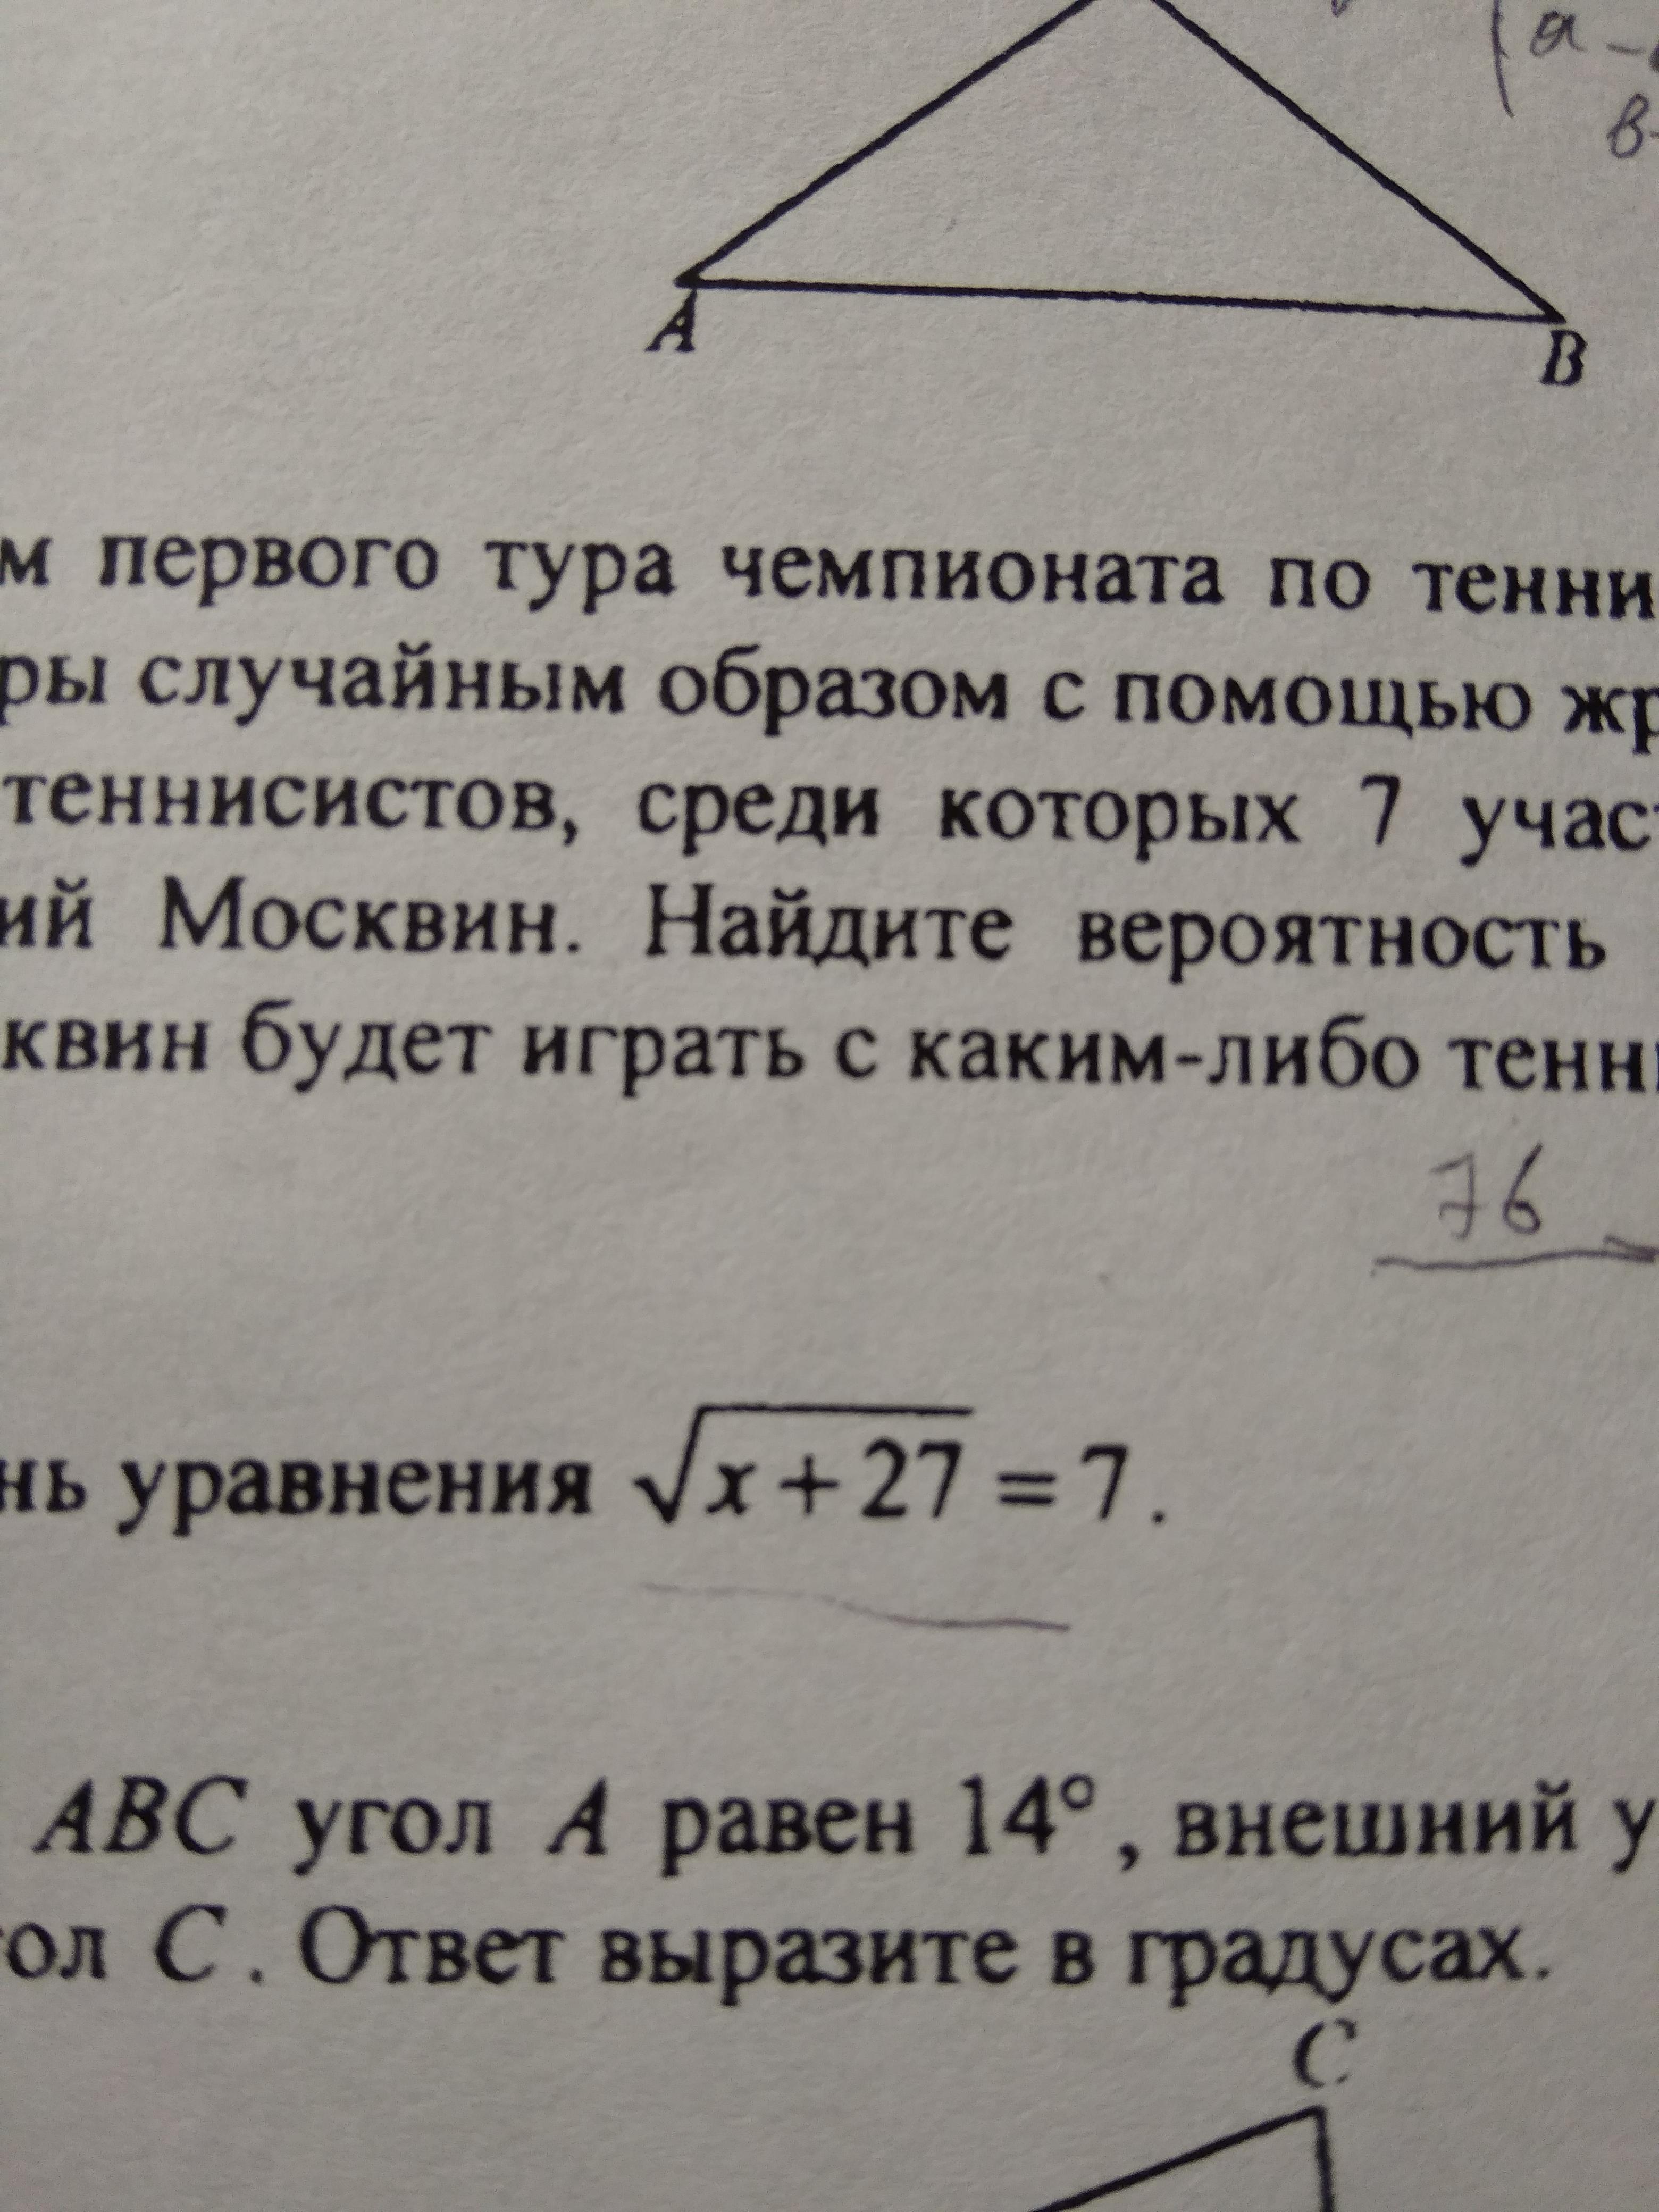 Здравствуйте, помогите мне найти корень уравнения